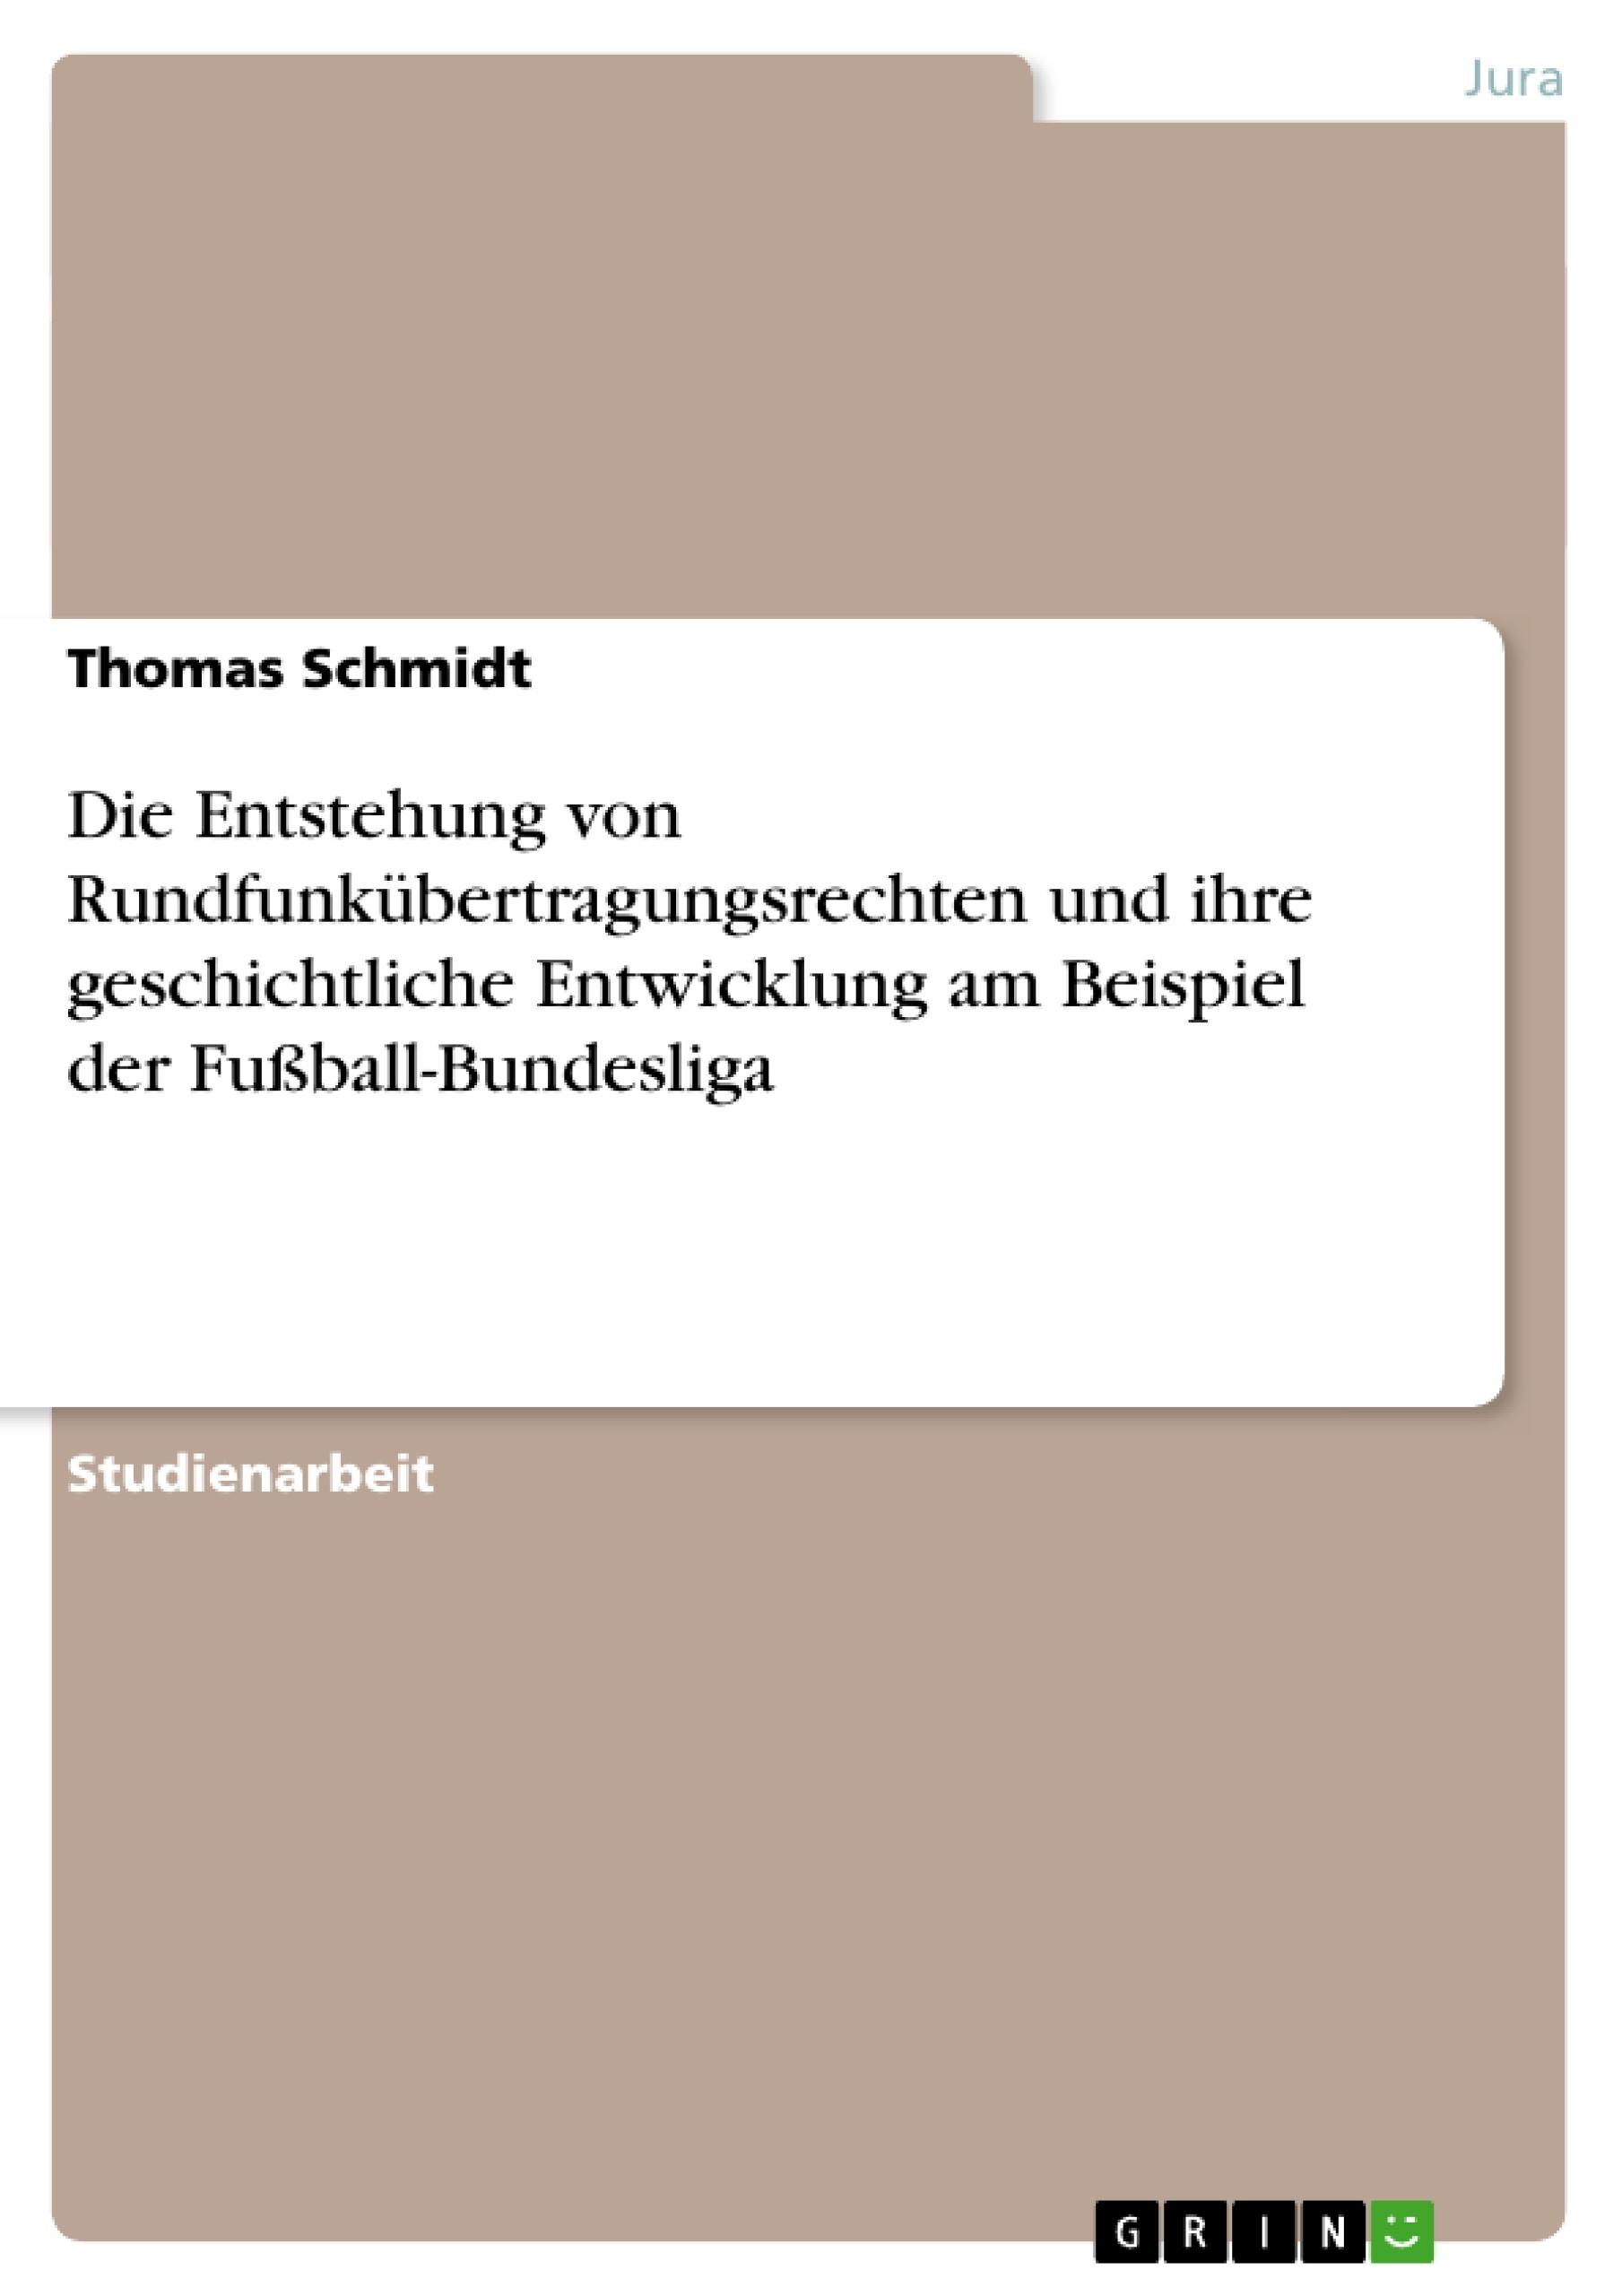 Titel: Die Entstehung von Rundfunkübertragungsrechten und ihre geschichtliche Entwicklung am Beispiel der Fußball-Bundesliga